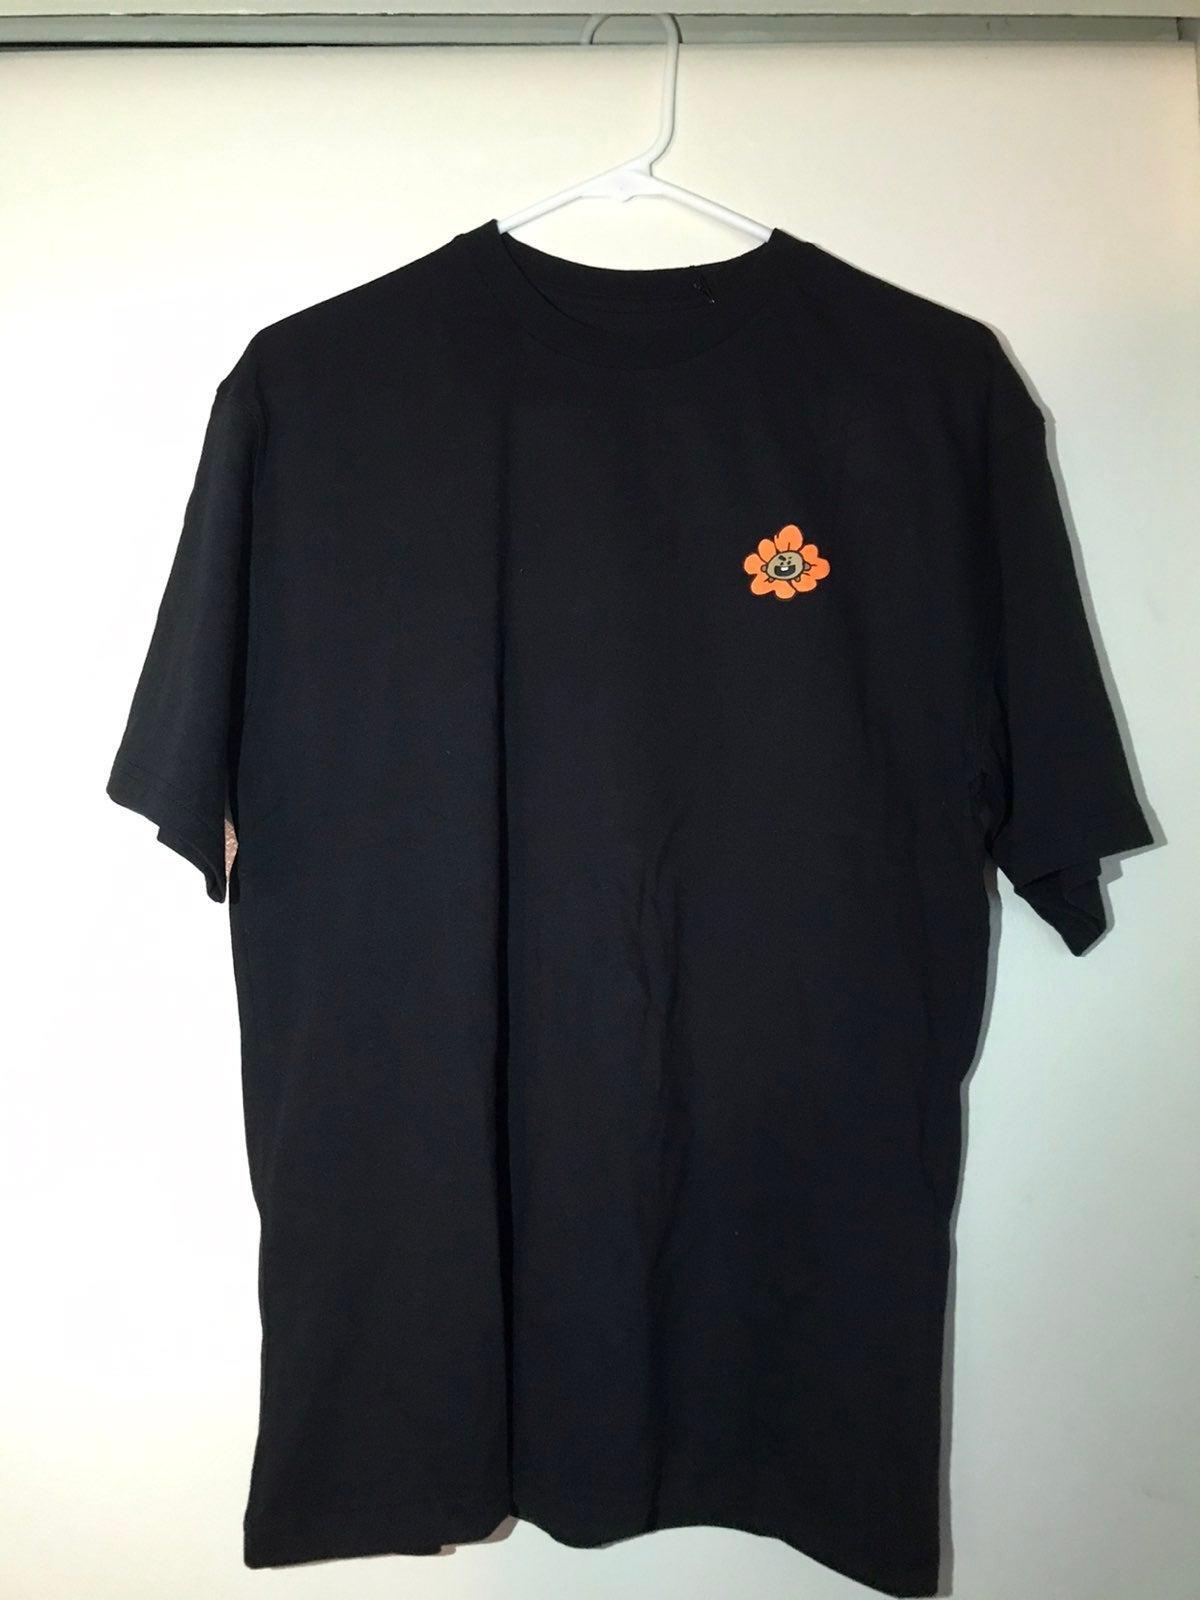 bt21 shooky shirt